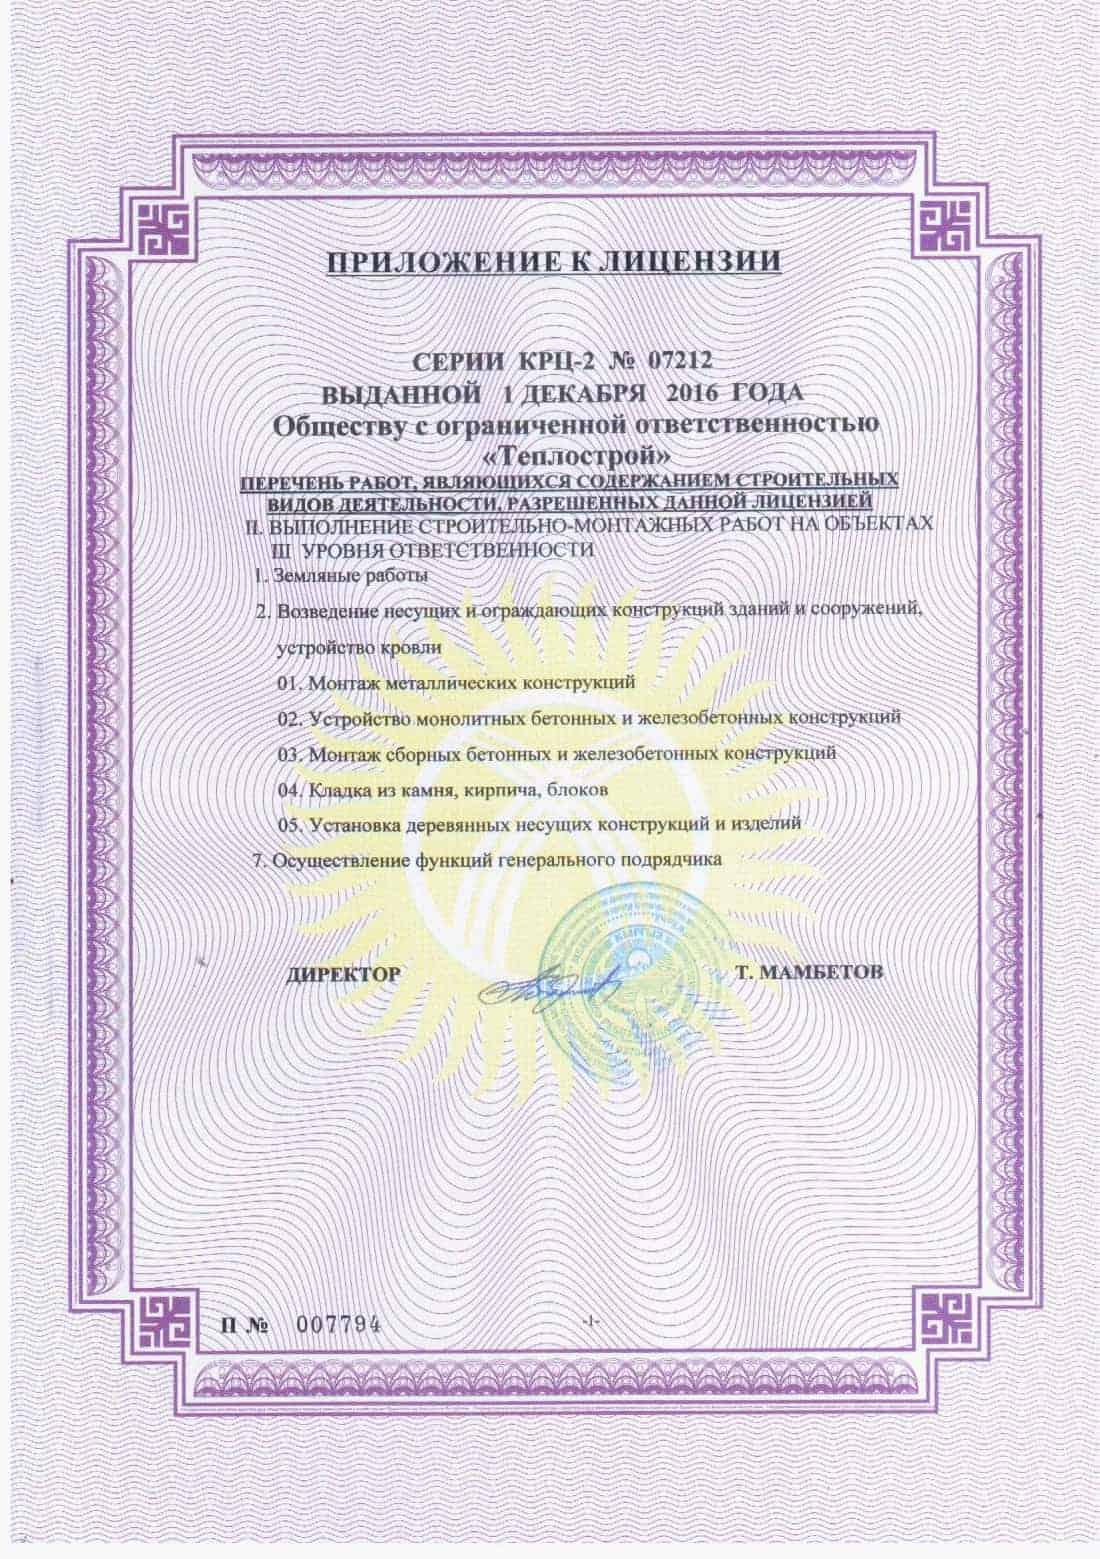 Лицензия на выполнение строительно-монтажных работ